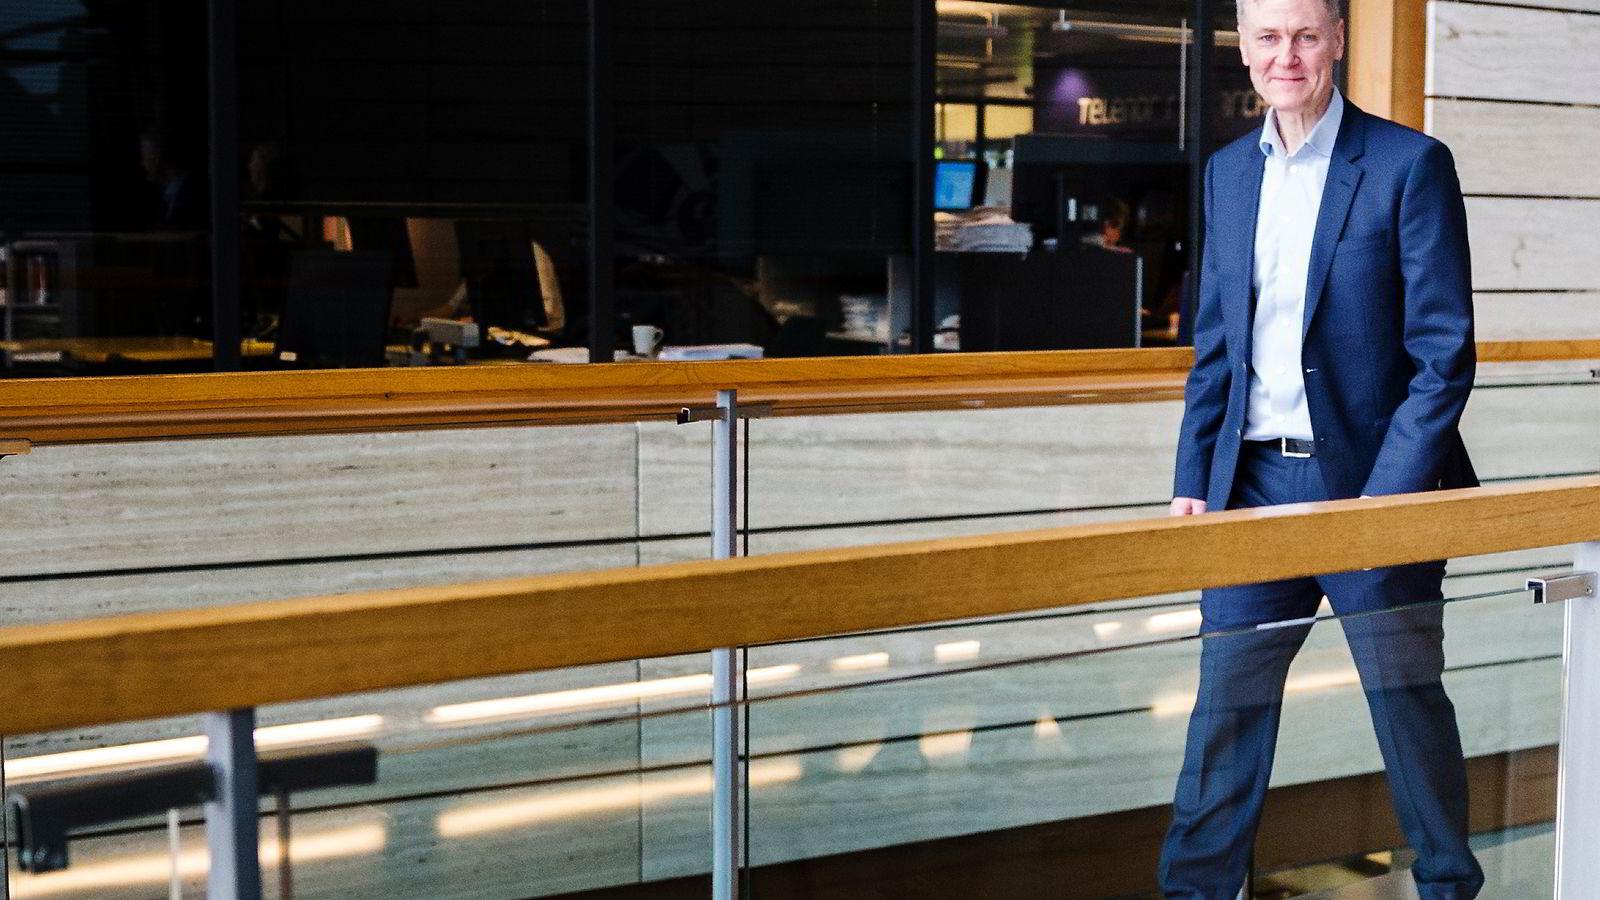 Forskningsdirektør i Telenor, Bjørn Taale Sandberg. Foto: Per Thrana